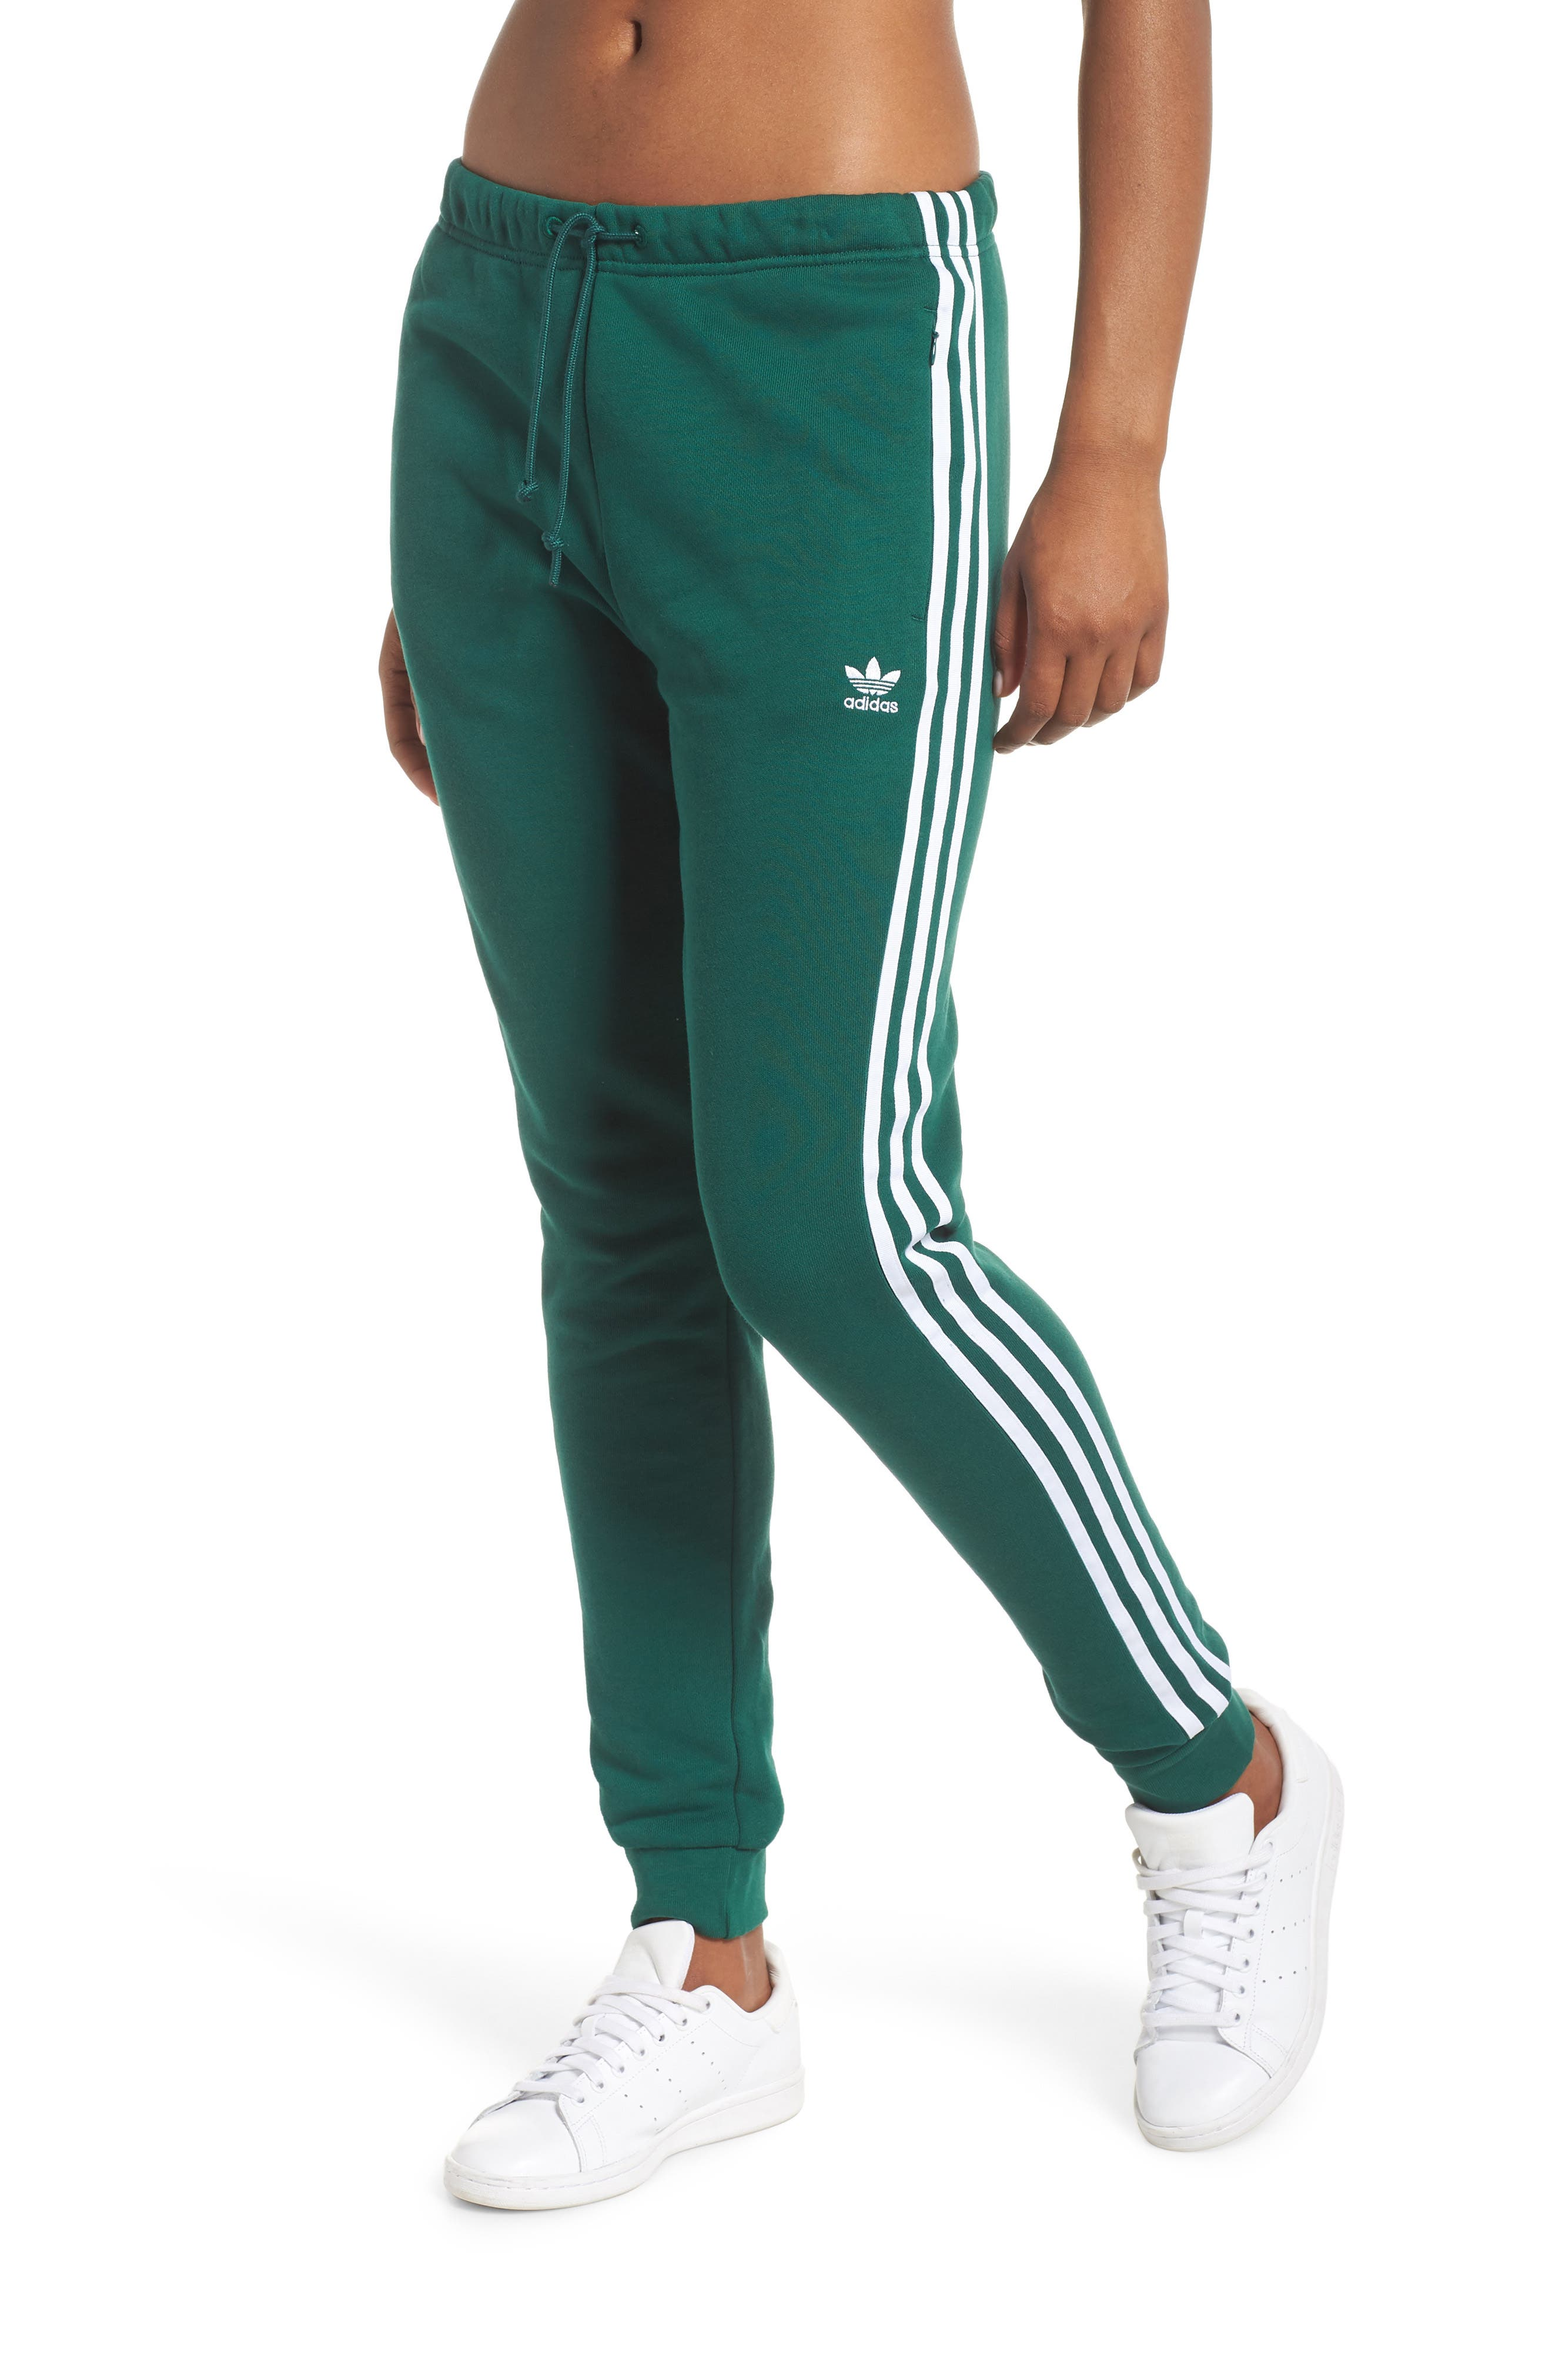 ADIDAS ORIGINALS, Cuffed Track Pants, Main thumbnail 1, color, 305